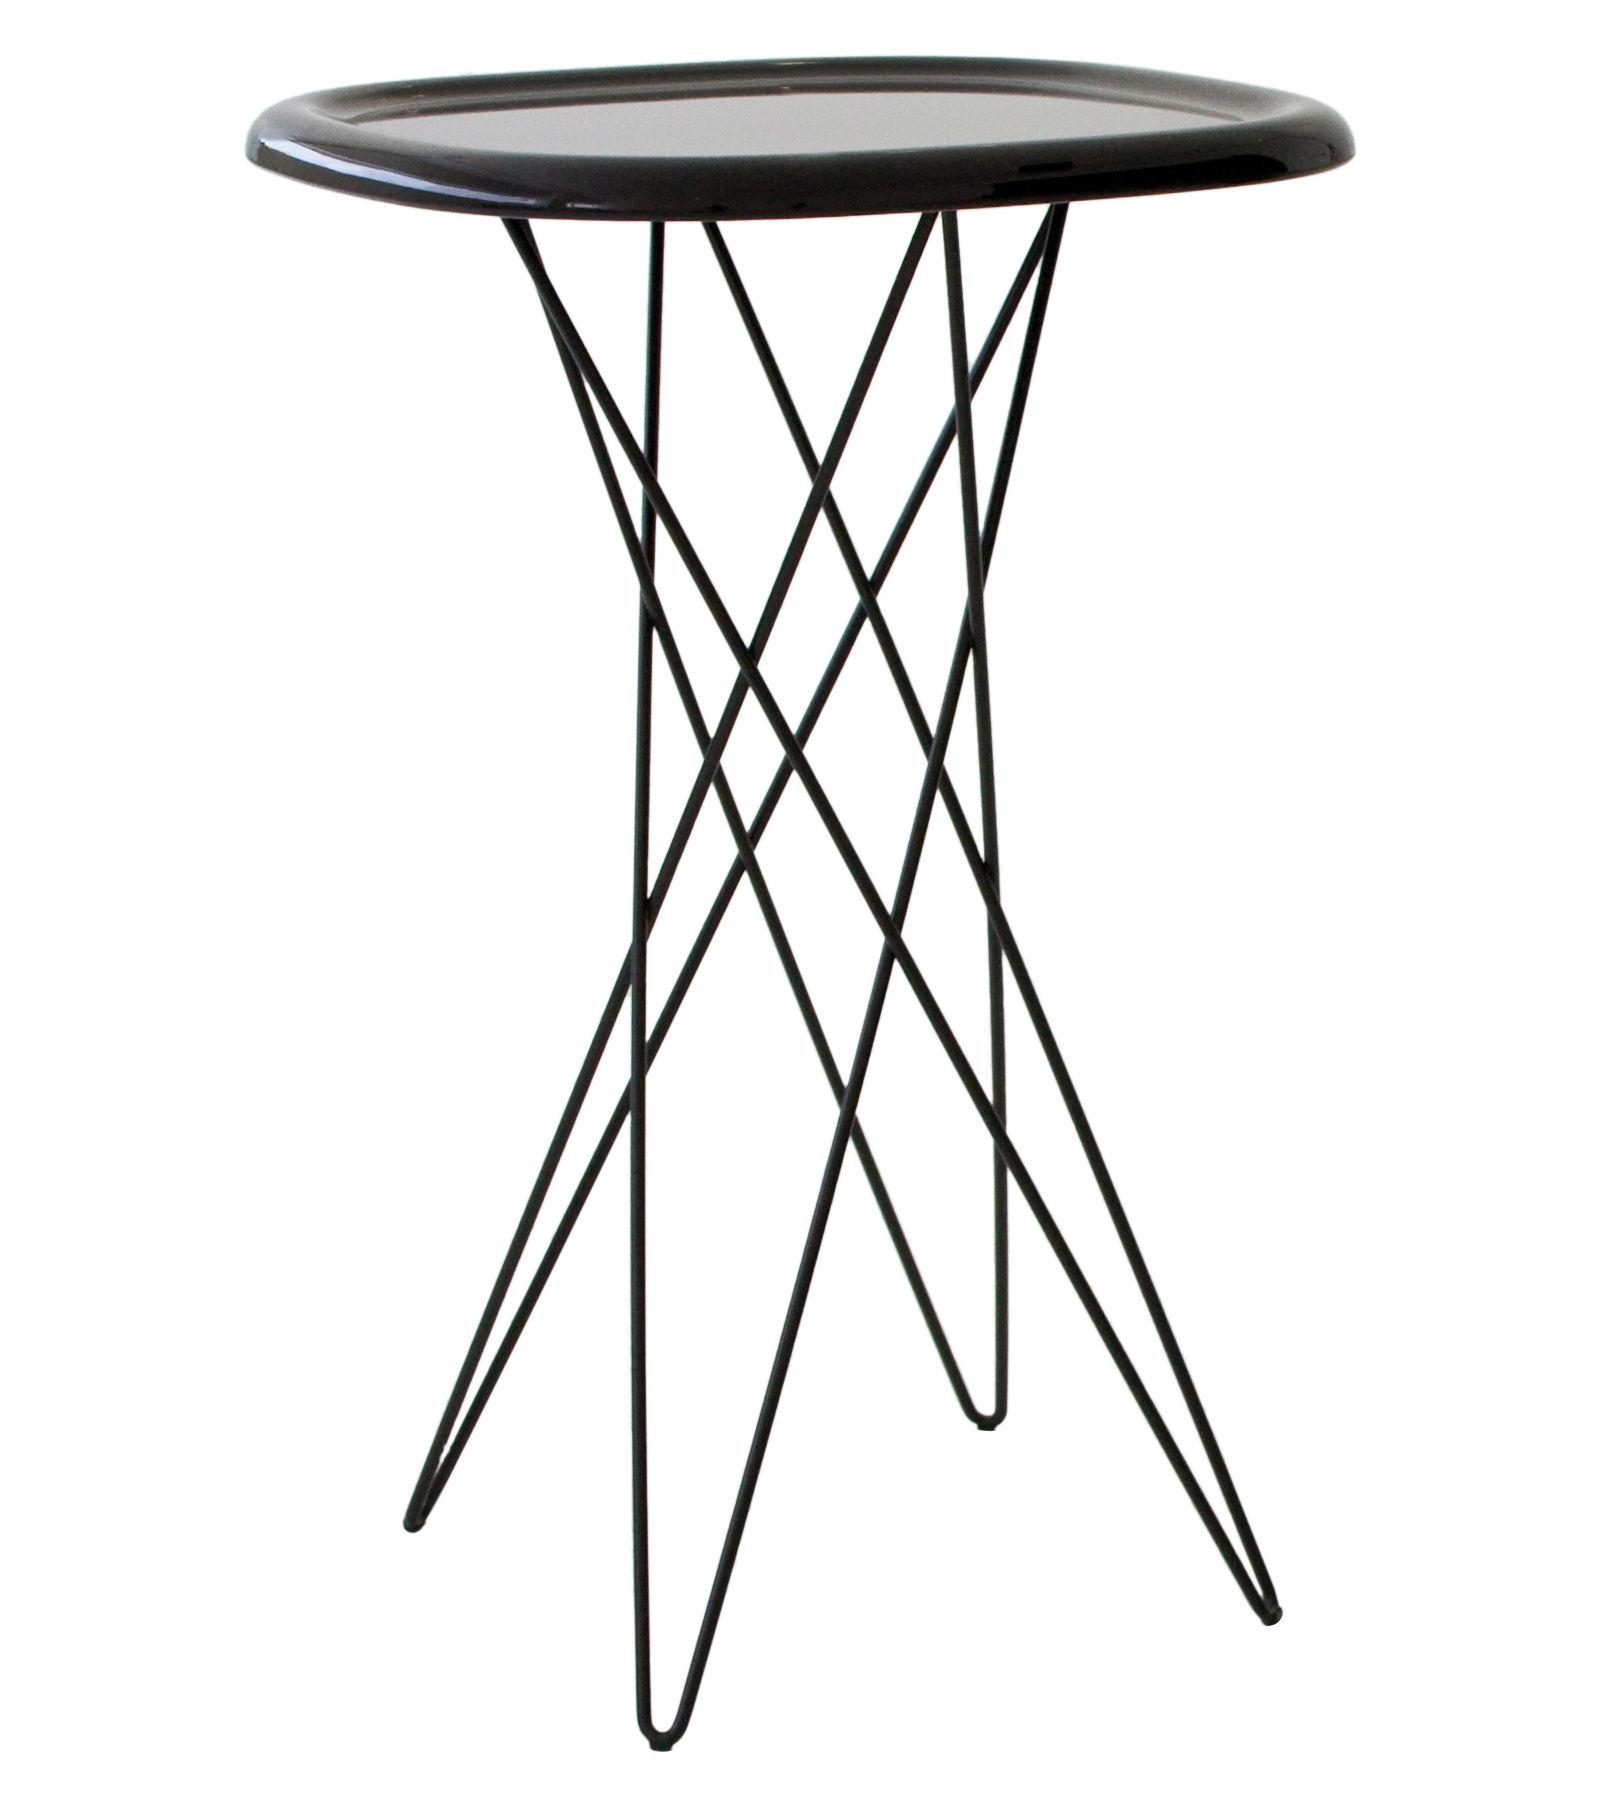 Arredamento - Tavolino d'appoggio Pizza - H 70 cm di Magis - H 70 cm - Marrone - ABS, Acciaio verniciato